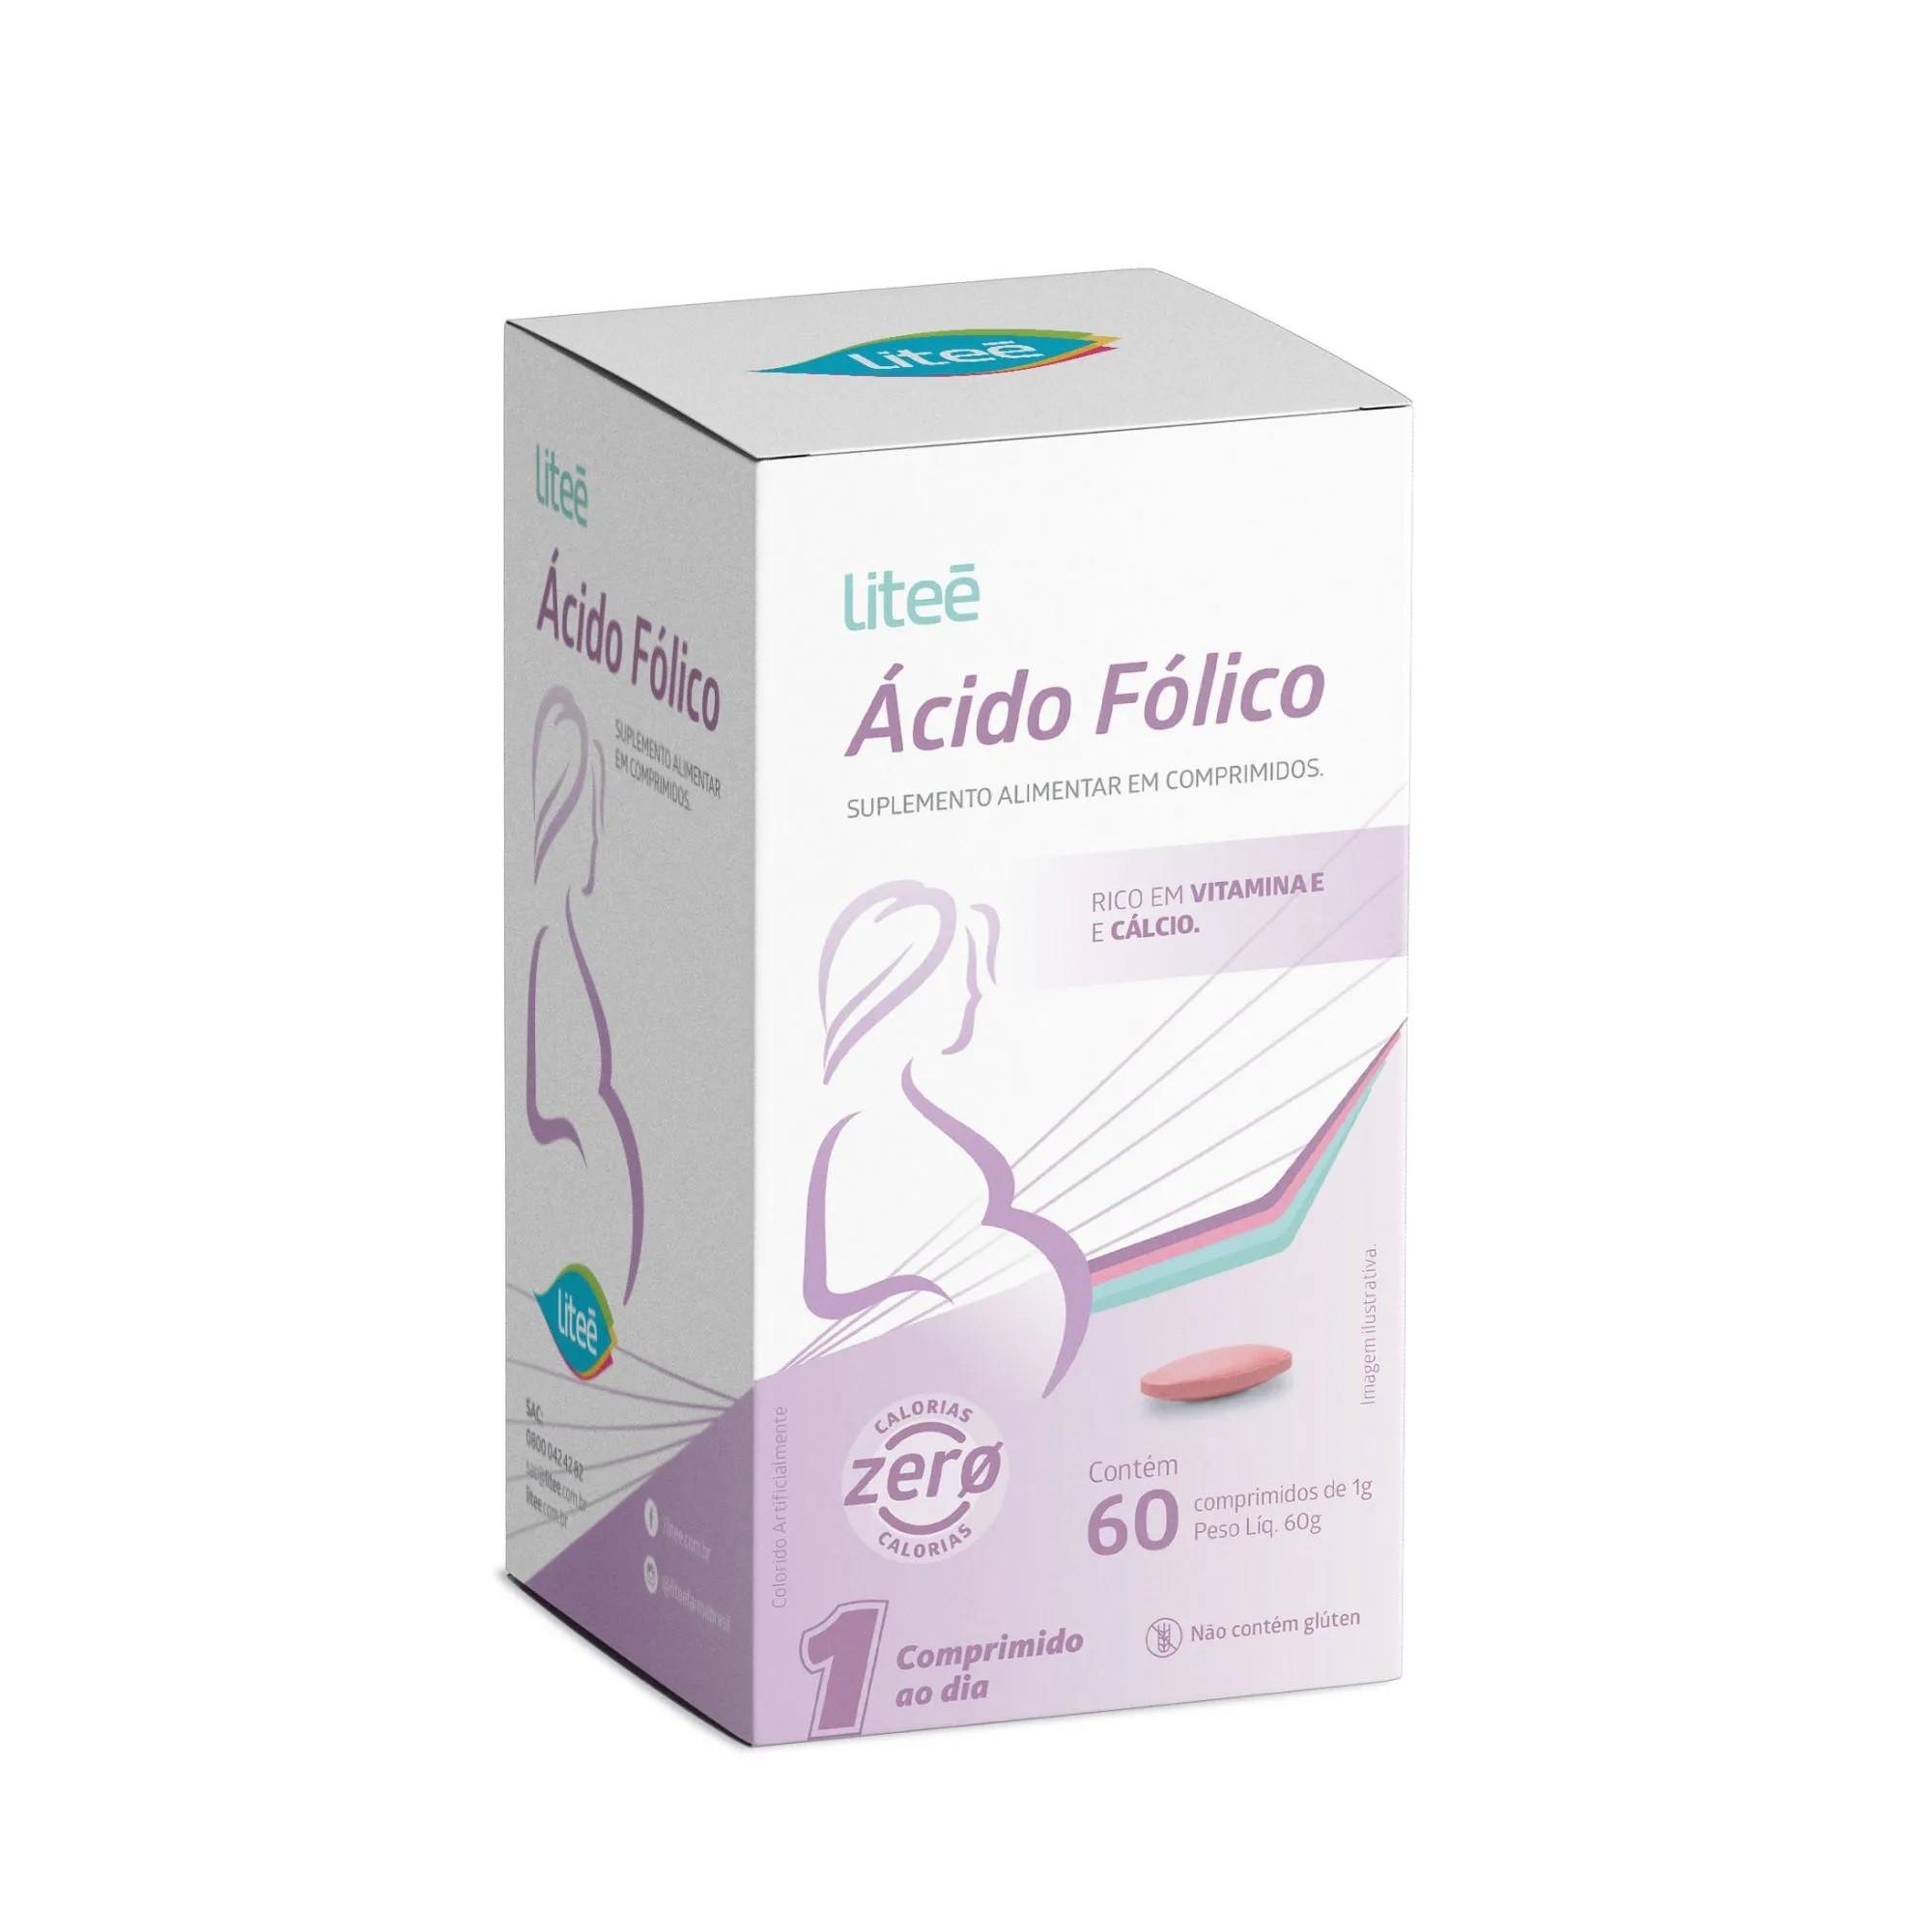 Suplemento de Ácido Fólico Para Gestantes Liteé - 60 Comprimidos